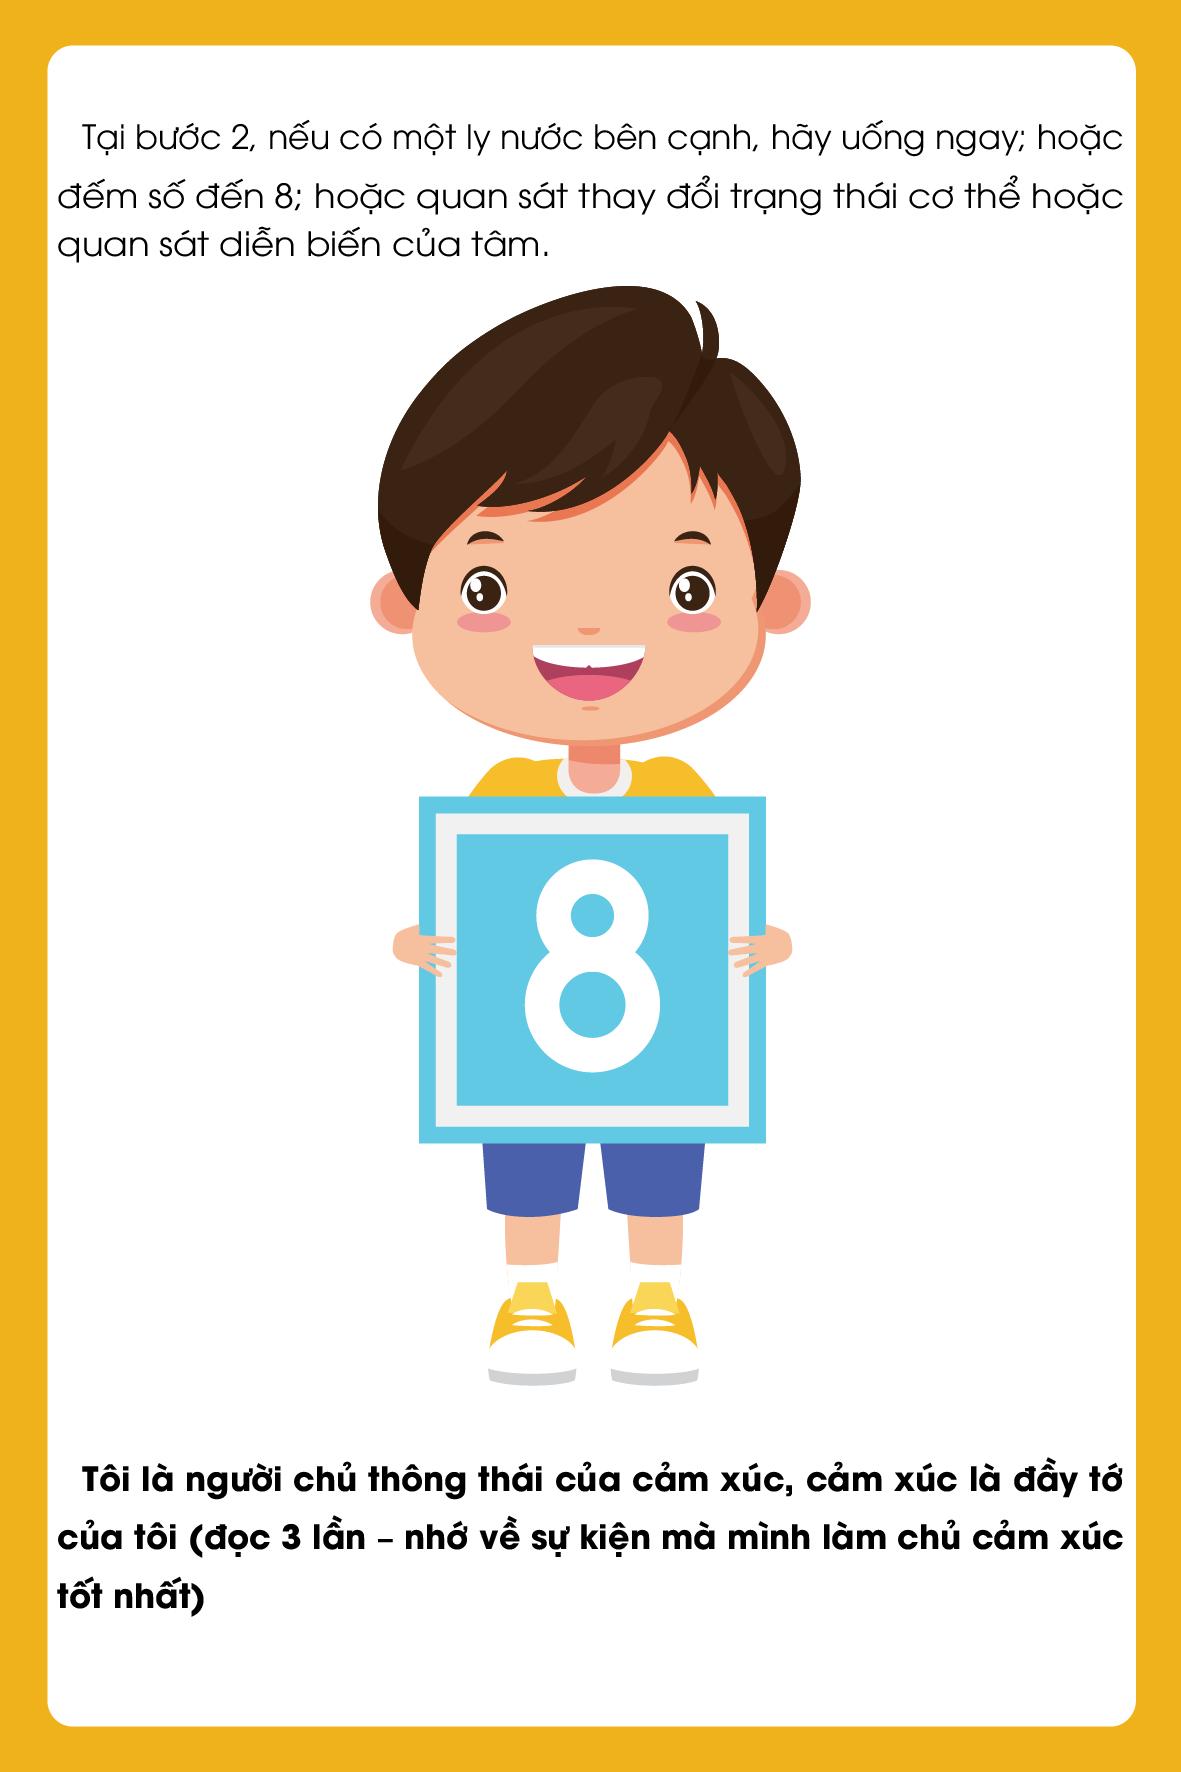 Thẻ 12 - Bộ thẻ nâng cao trí tuệ cảm xúc (EQ)